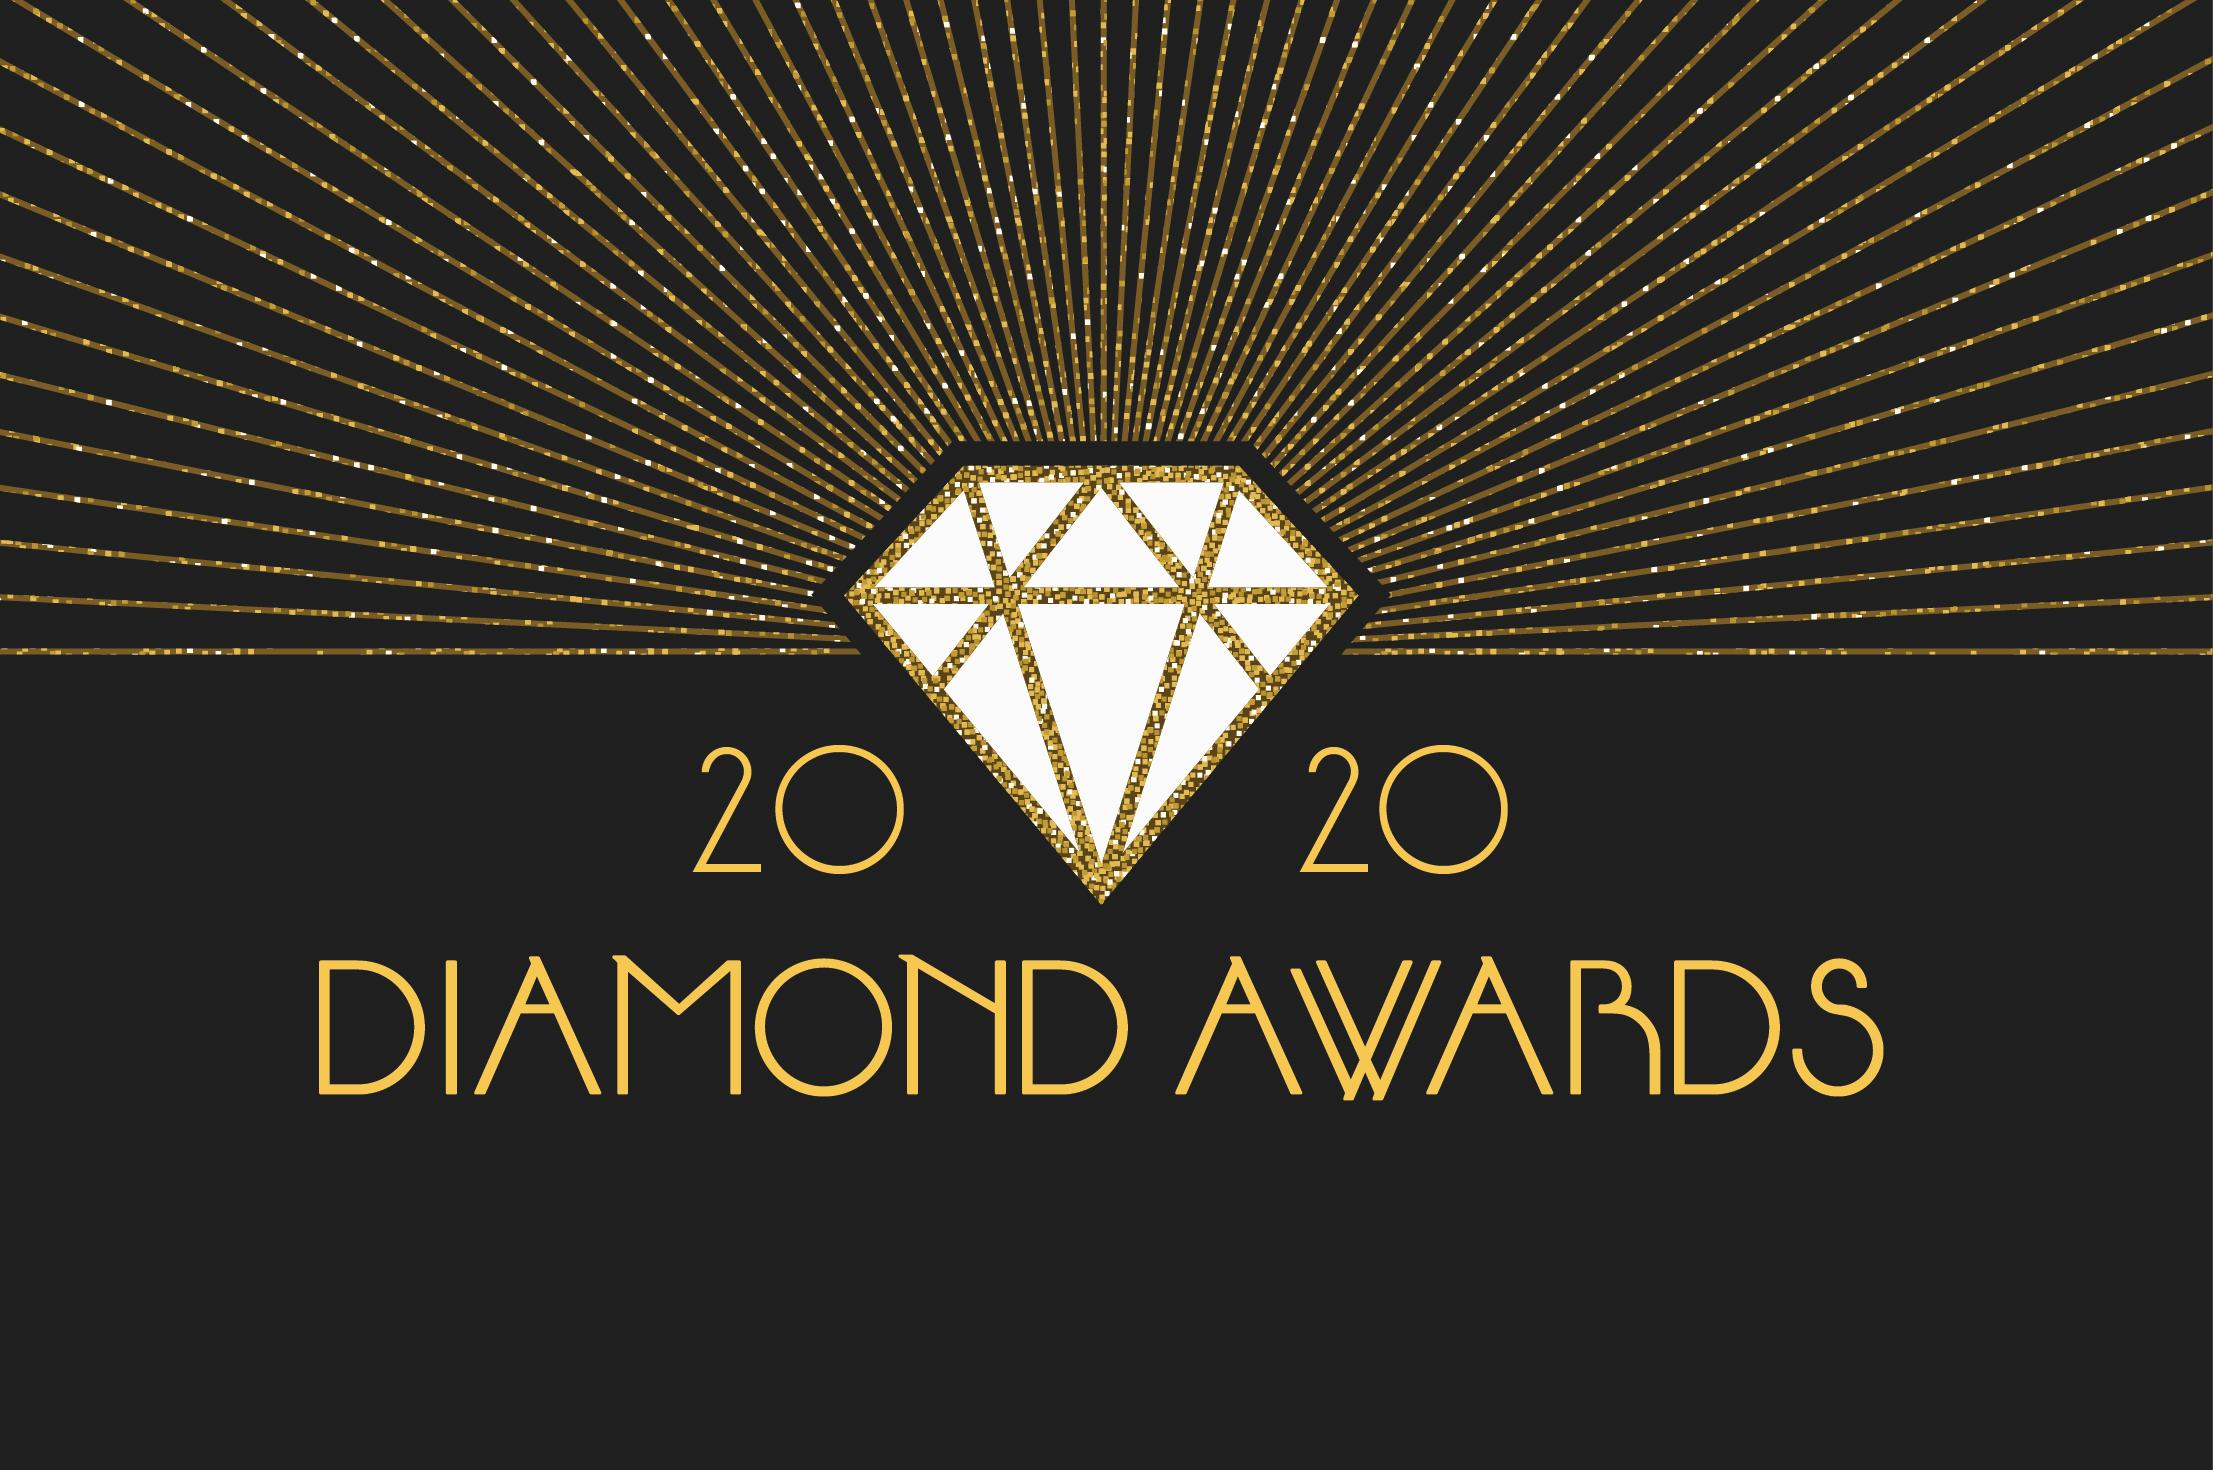 DIAMOND AWARDS GRAPHIC-01.jpg